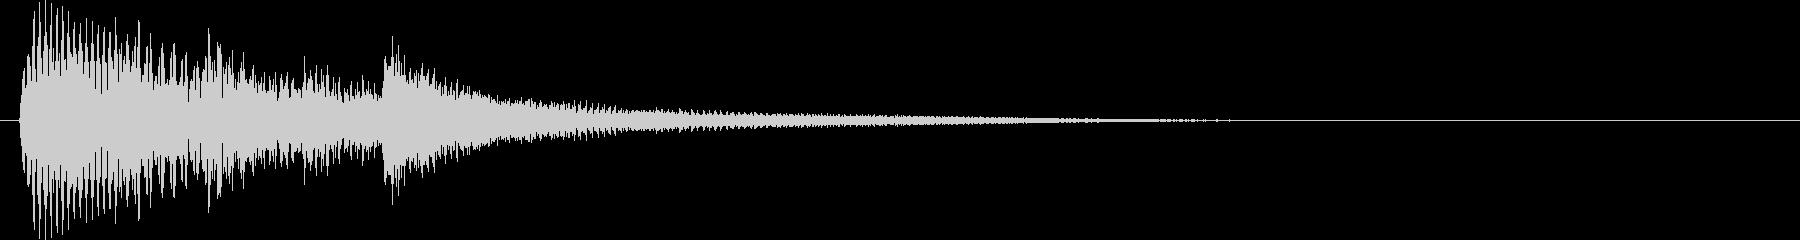 ベルのサウンドロゴ音可愛く幻想的の未再生の波形